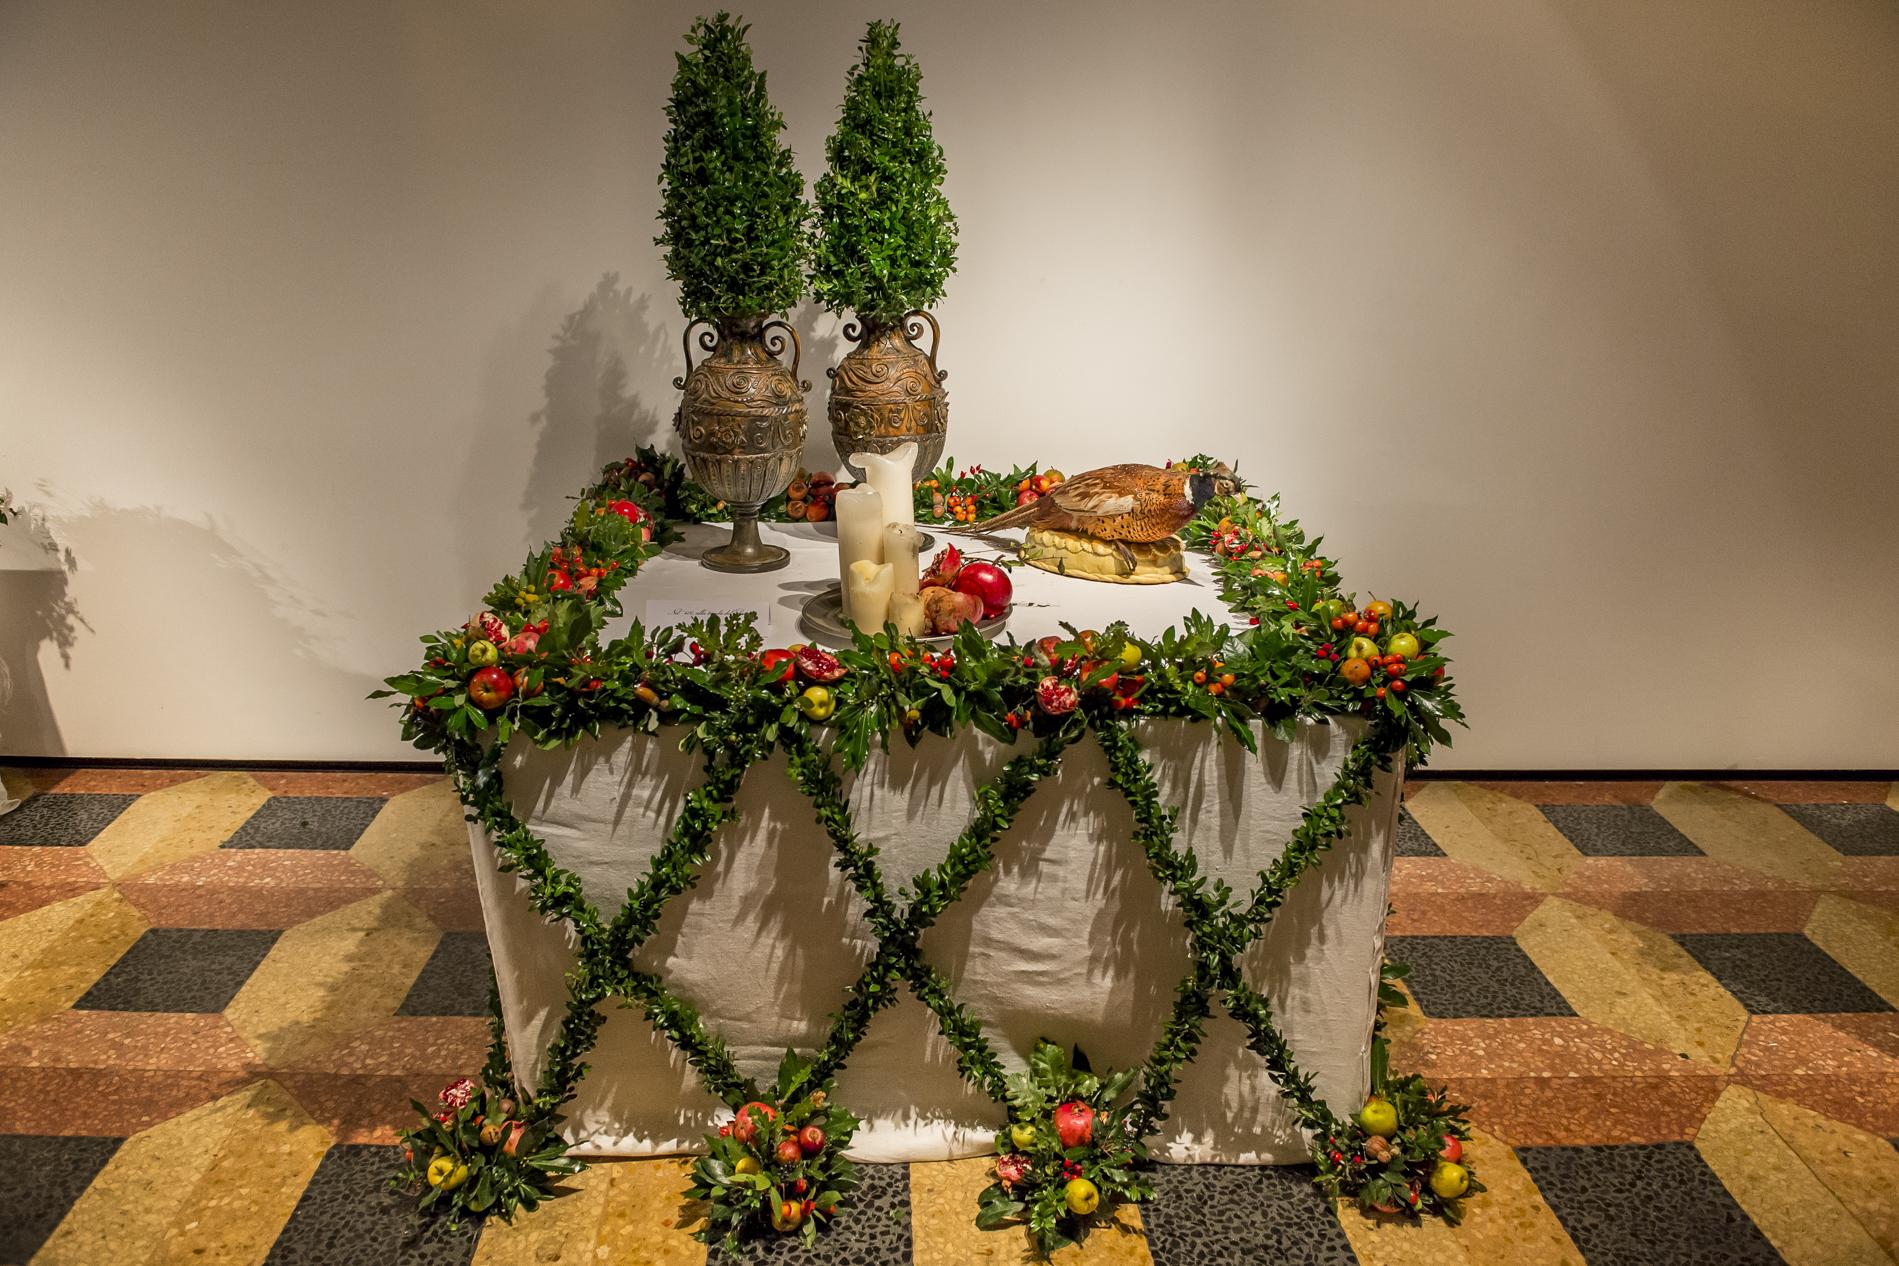 Nel 400 alla Tavola del Duca - Fiori in tavola attraverso i secoli, 2014